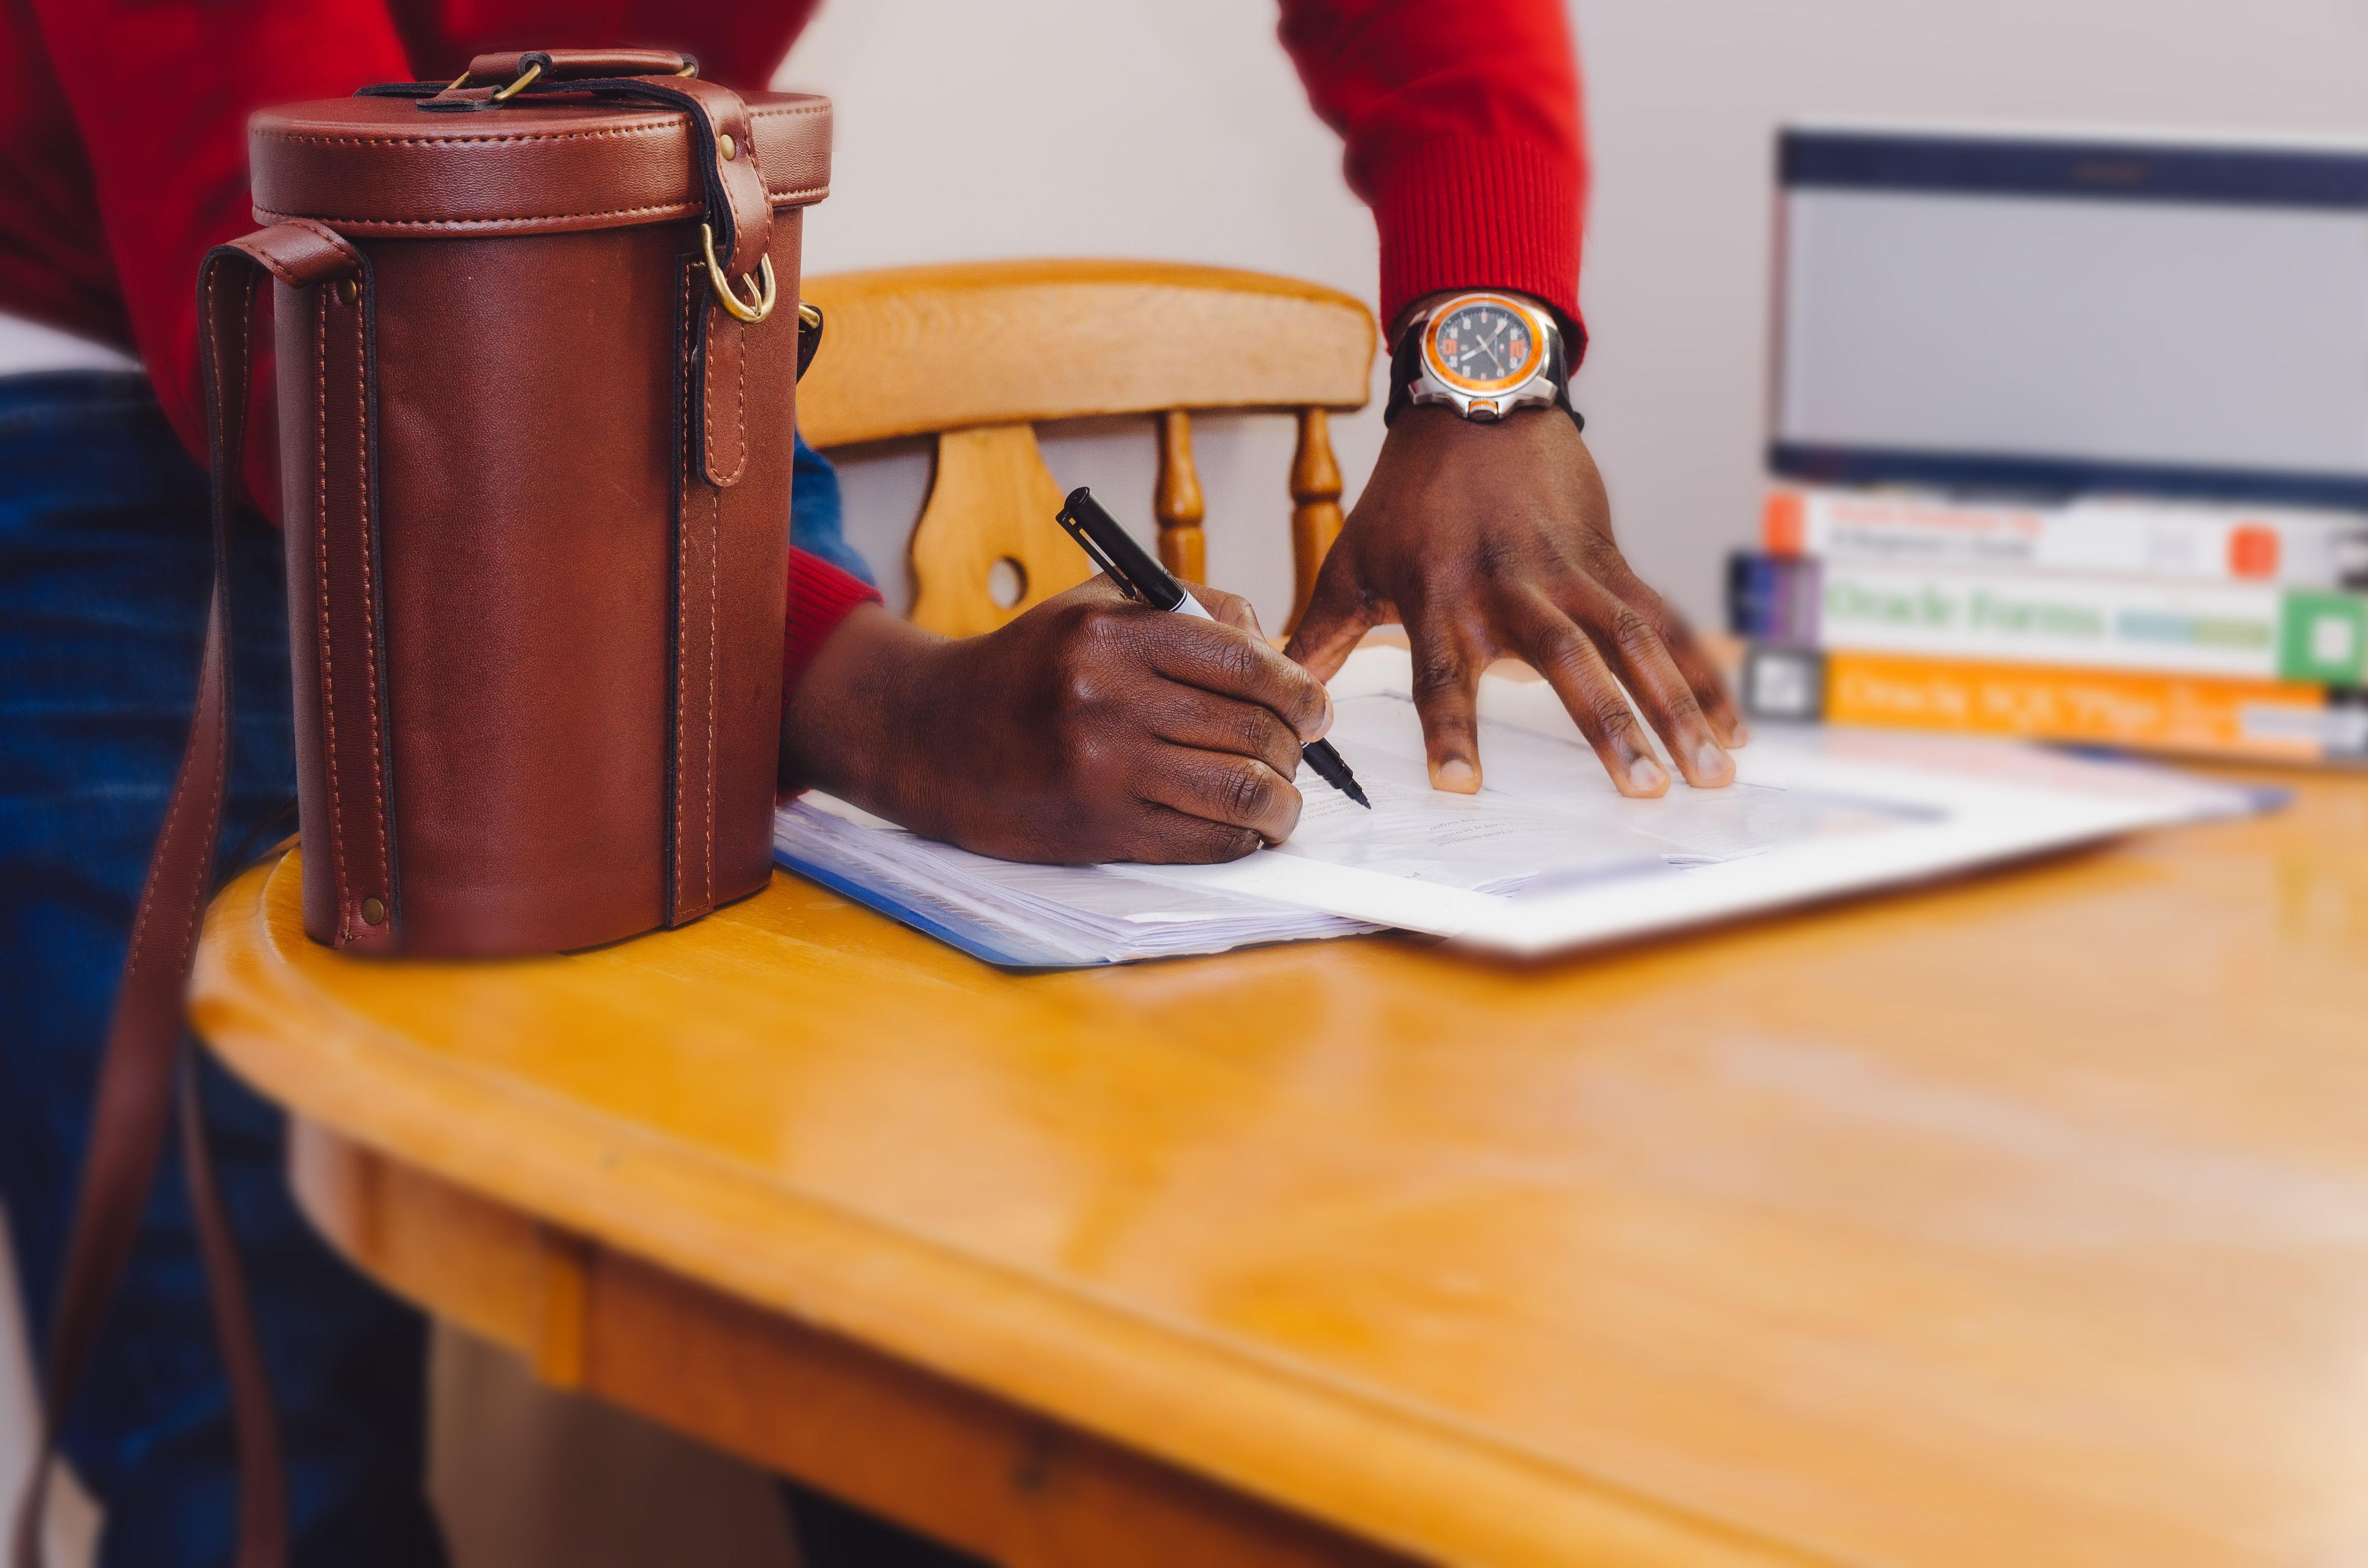 Intentieverklaring voor hypotheek zonder vast contract | Wegwijs.nl